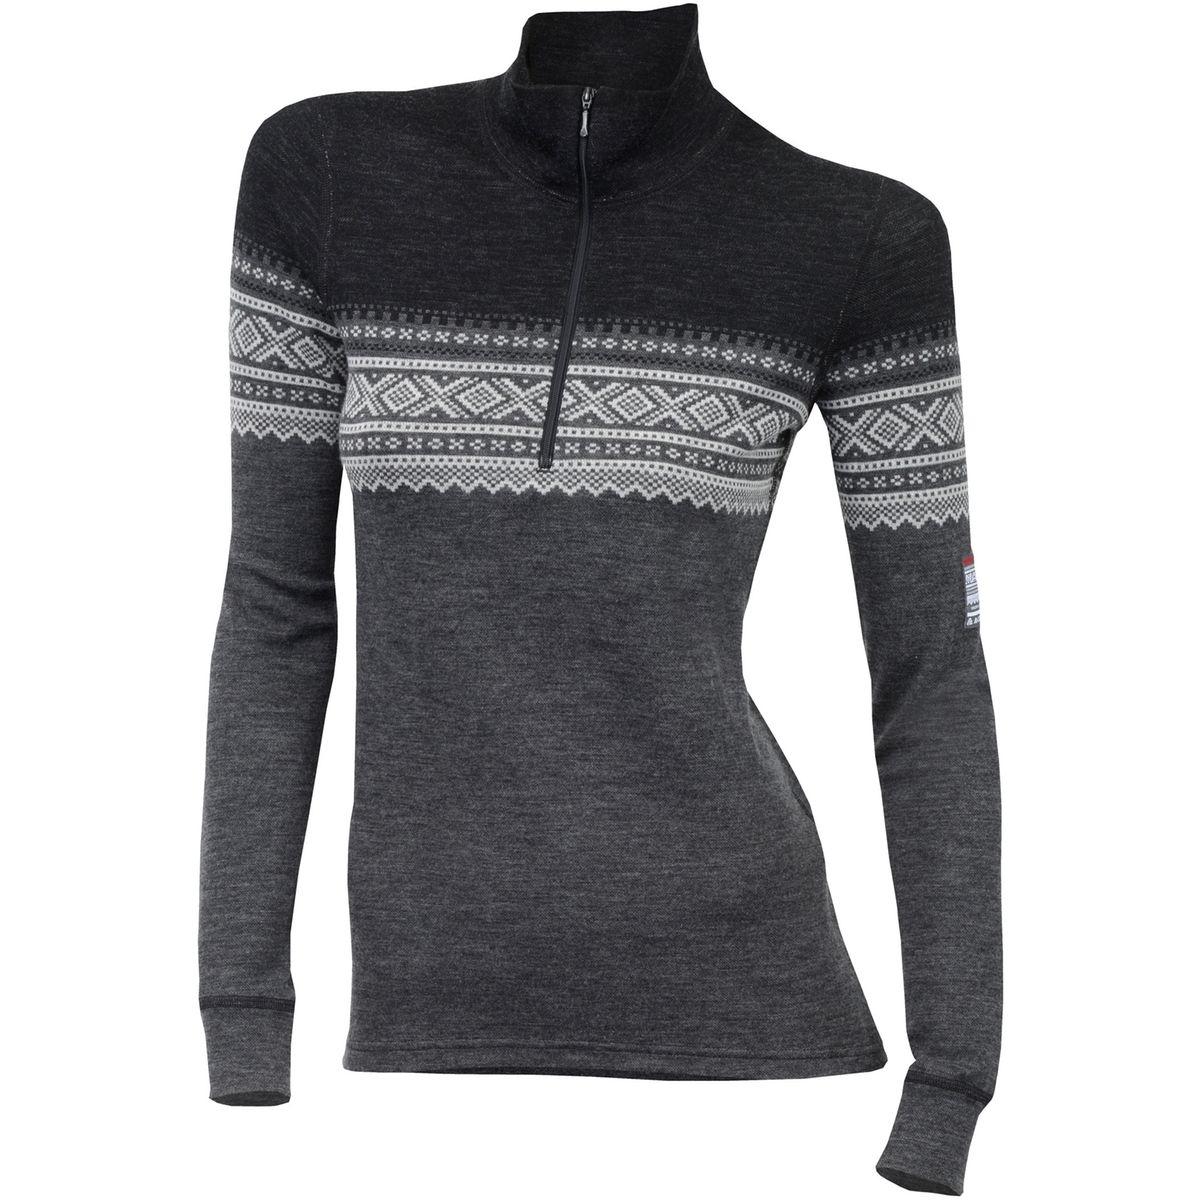 DesignWool Marius - Sous-vêtement Femme - gris